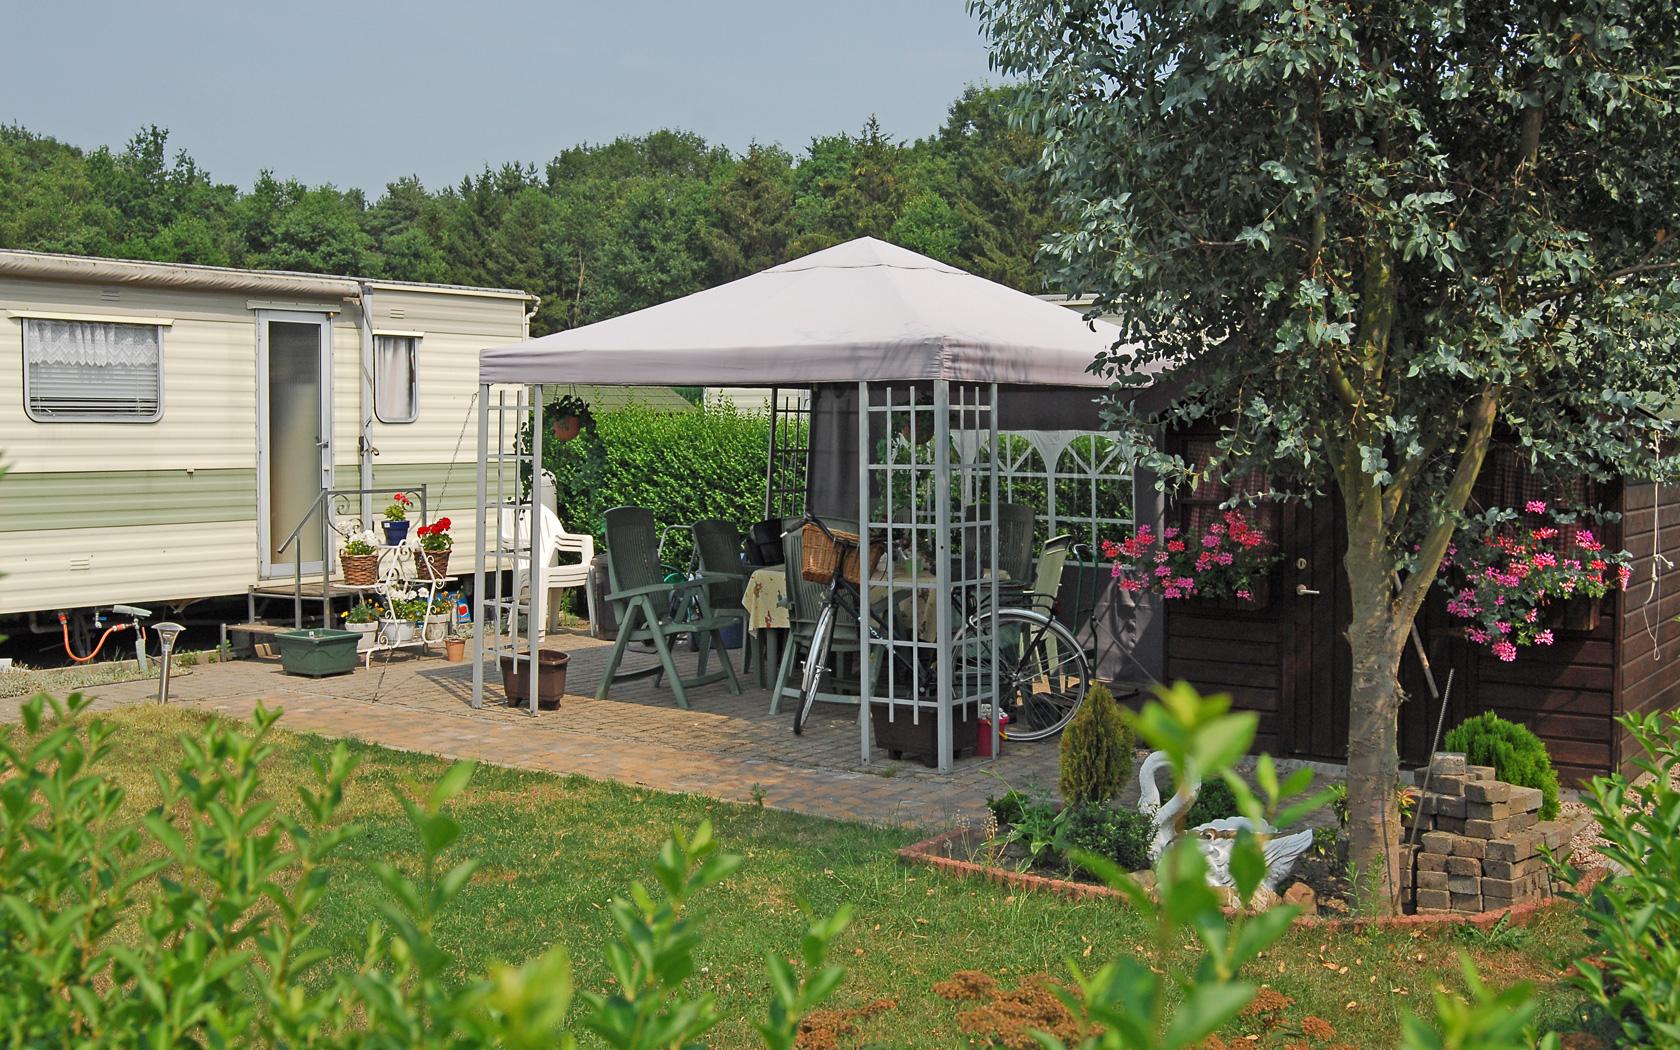 Camping-Heultje-in-Westerlo_DSC_0934_L